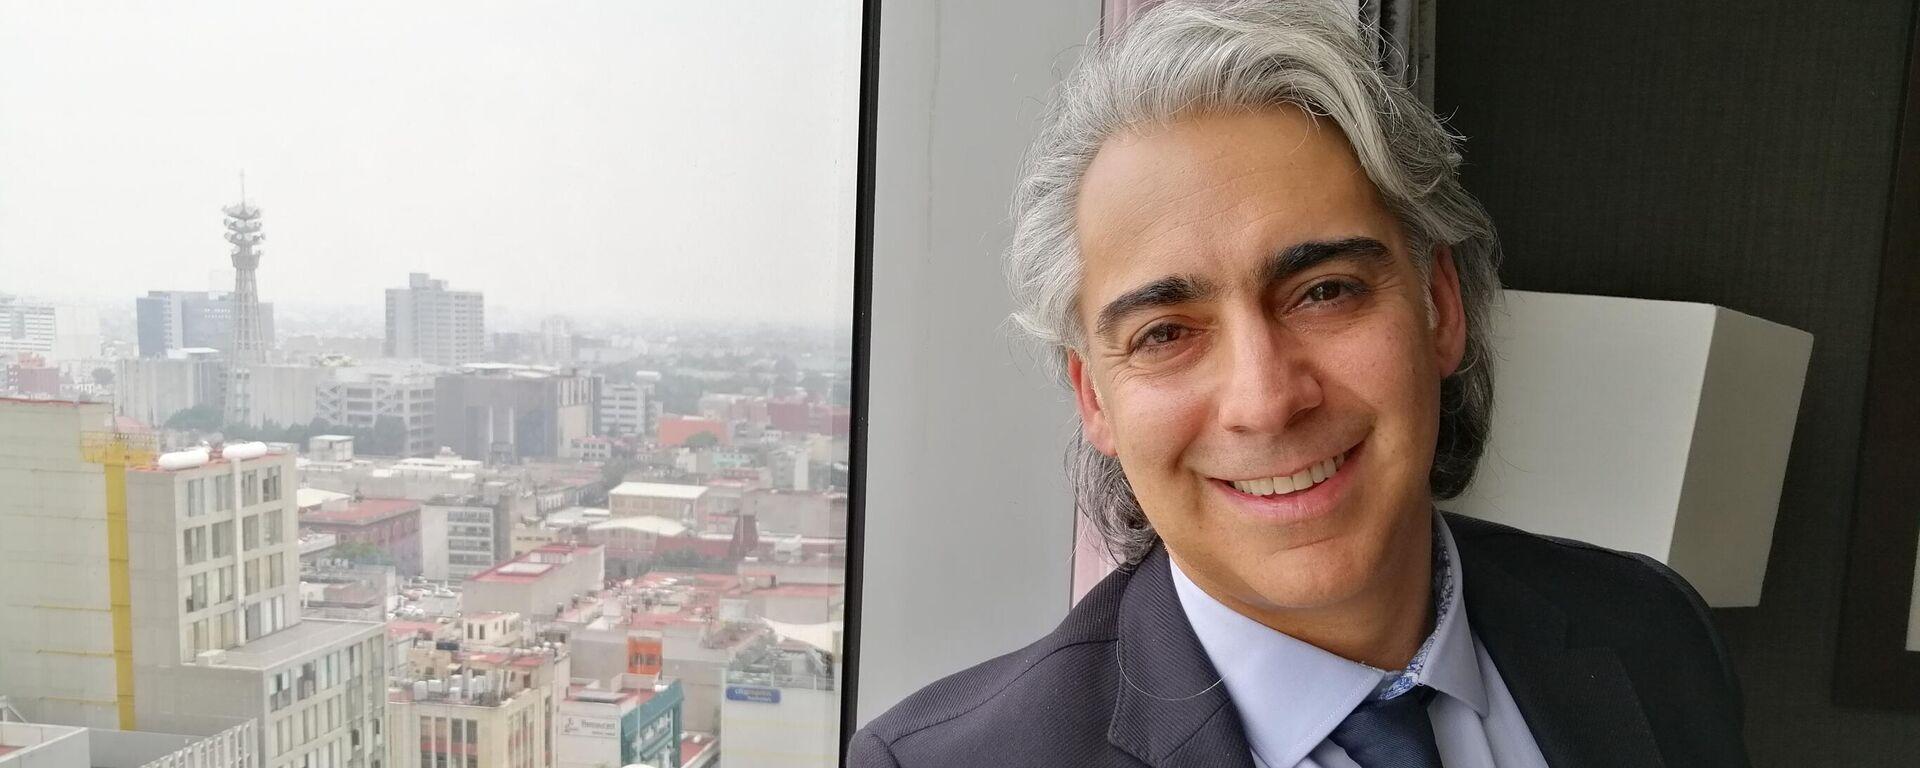 Marco Enríquez-Ominami, integrante del Grupo de Puebla - Sputnik Mundo, 1920, 18.09.2021